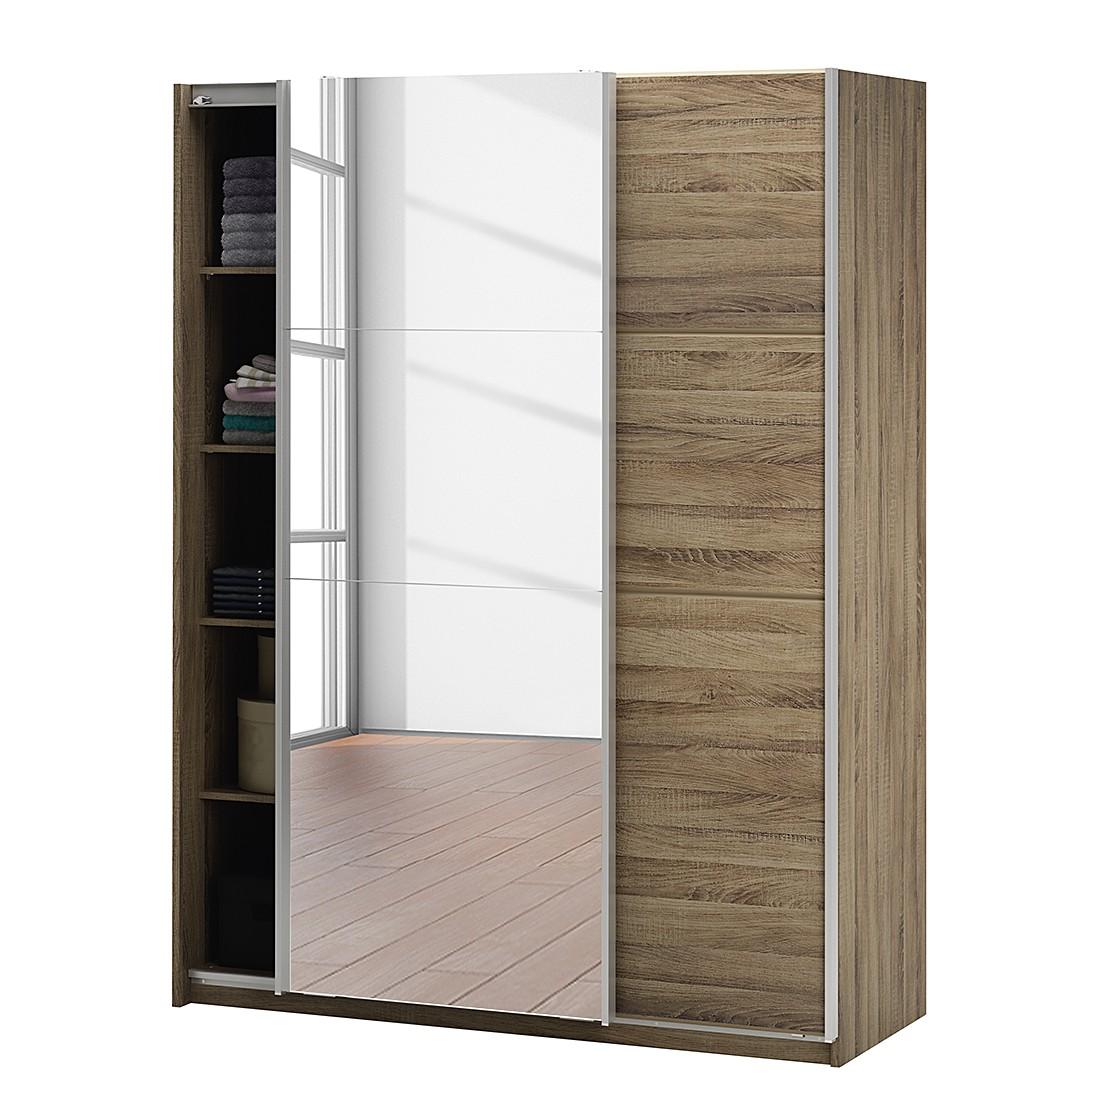 schwebet renschrank bayonne eiche dunkel dekor california m. Black Bedroom Furniture Sets. Home Design Ideas